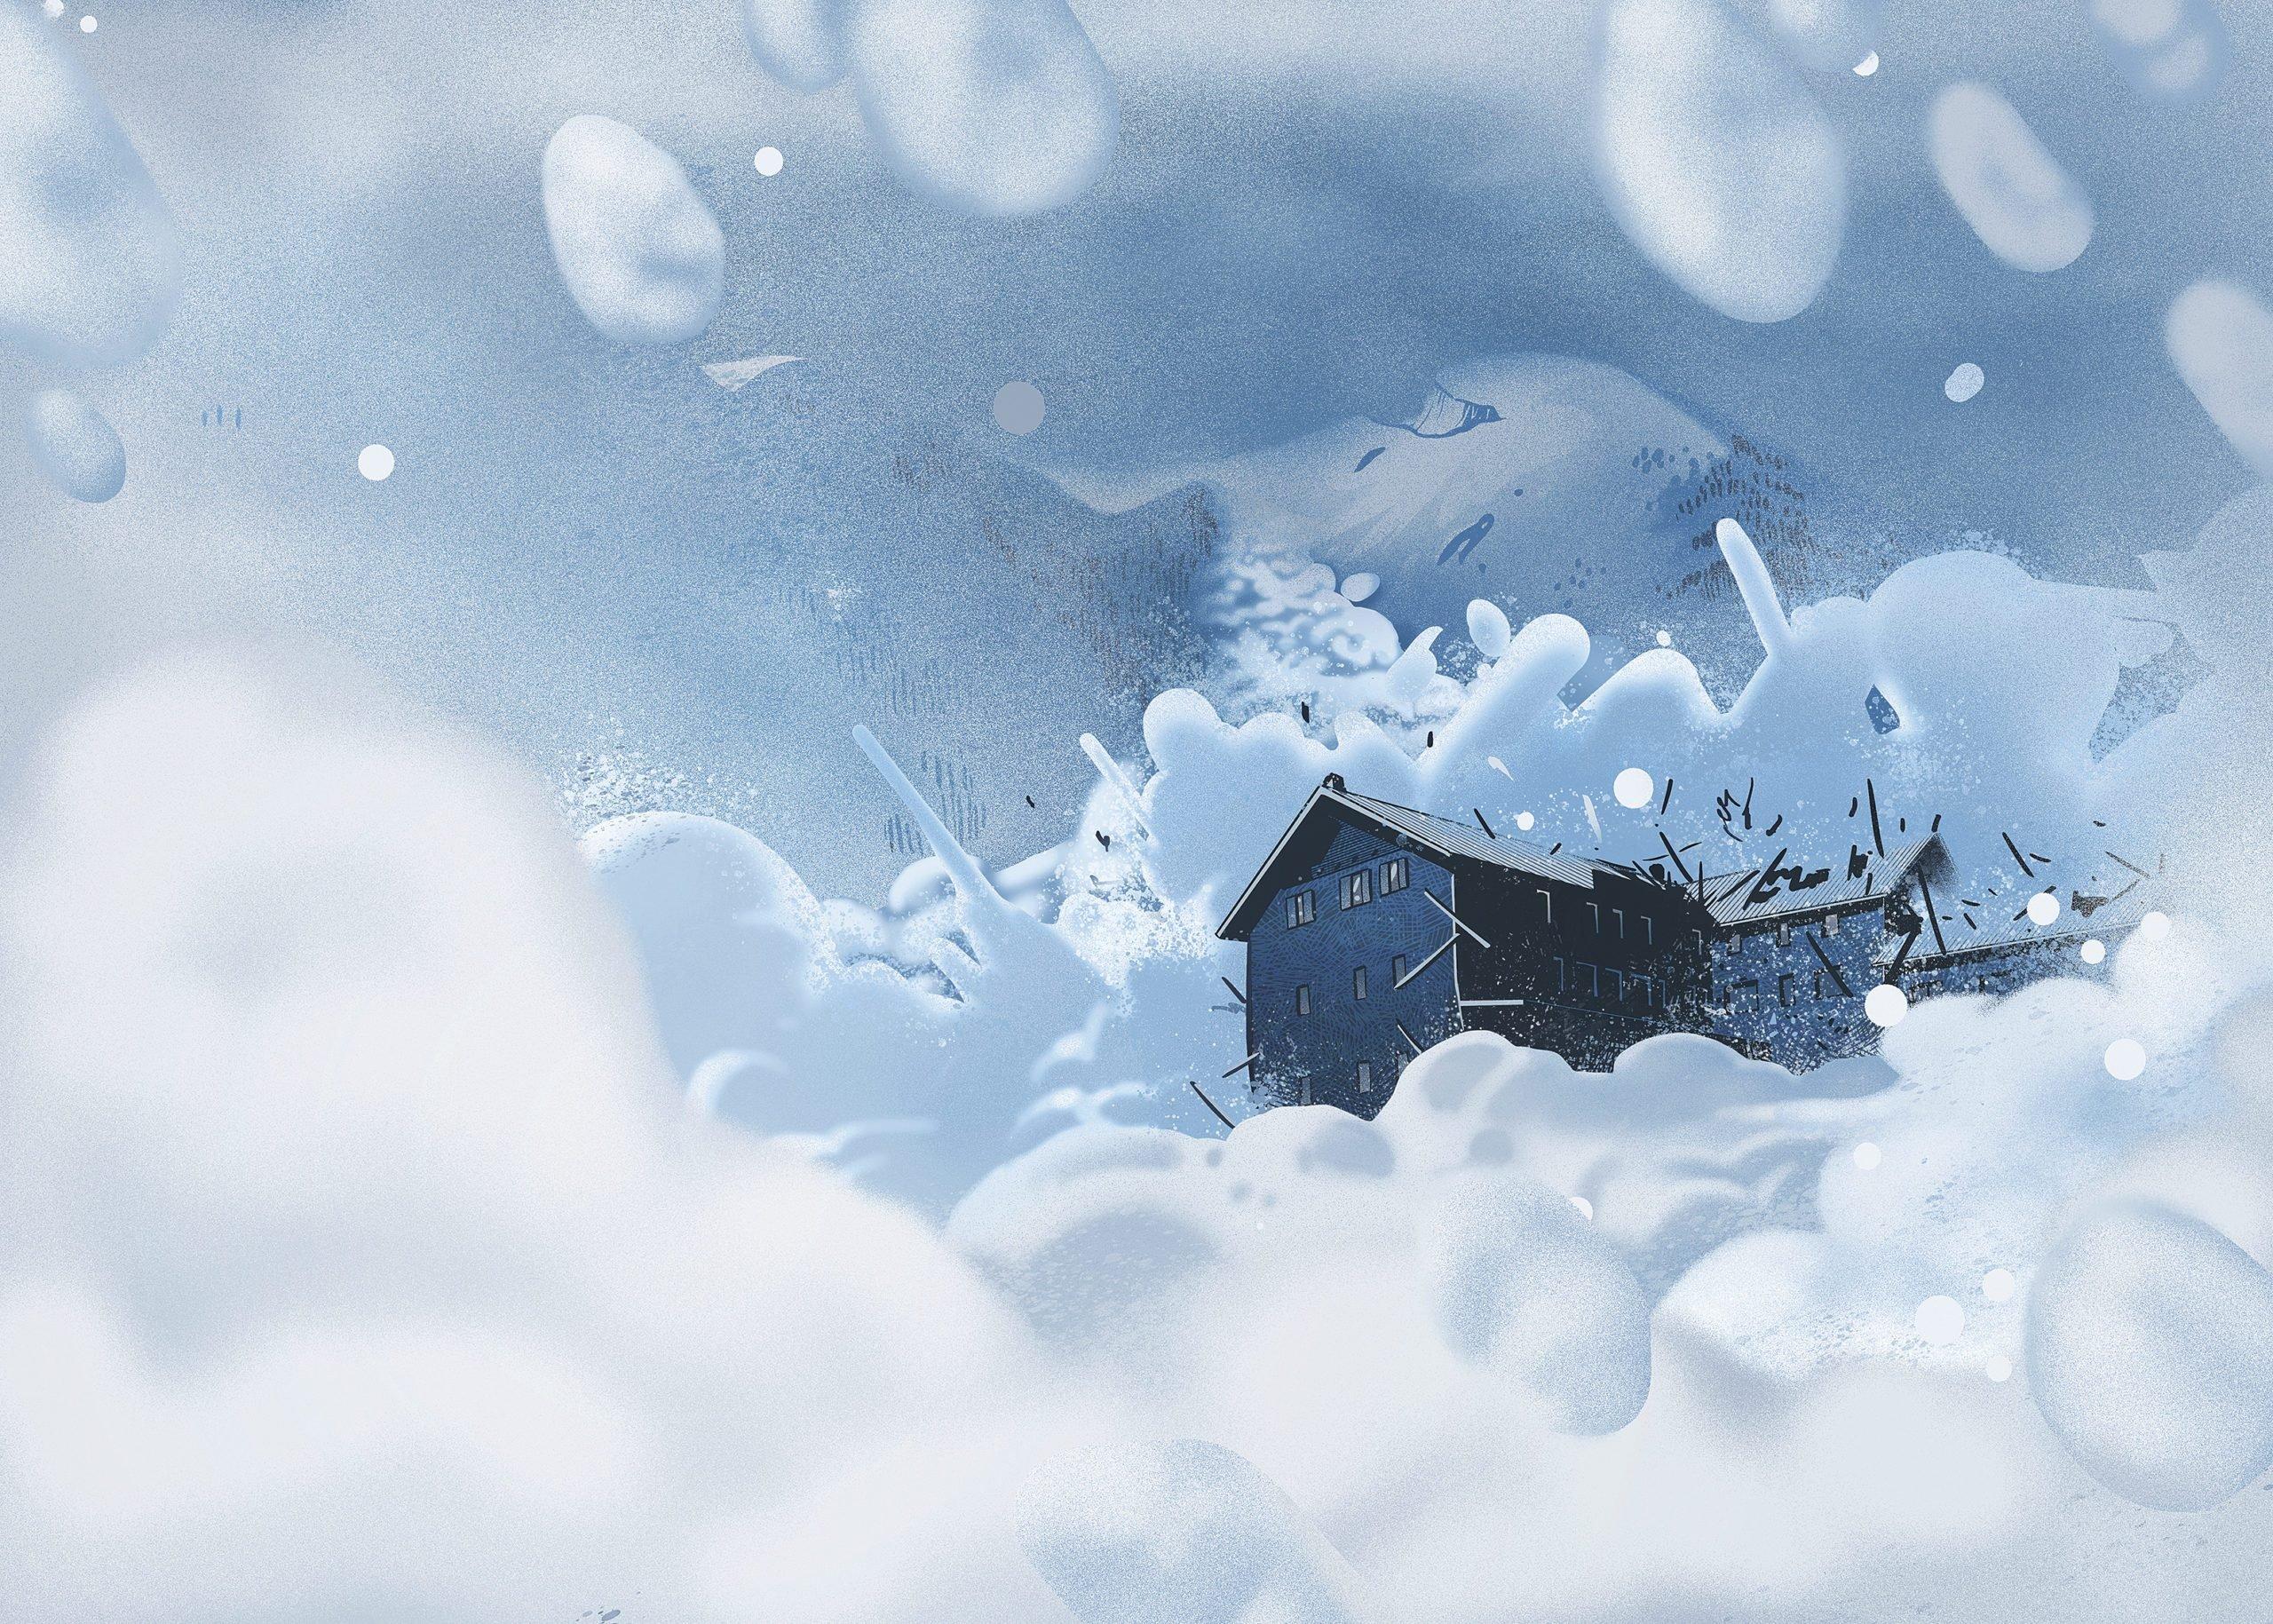 Illustration of the Rigopiano avalanche